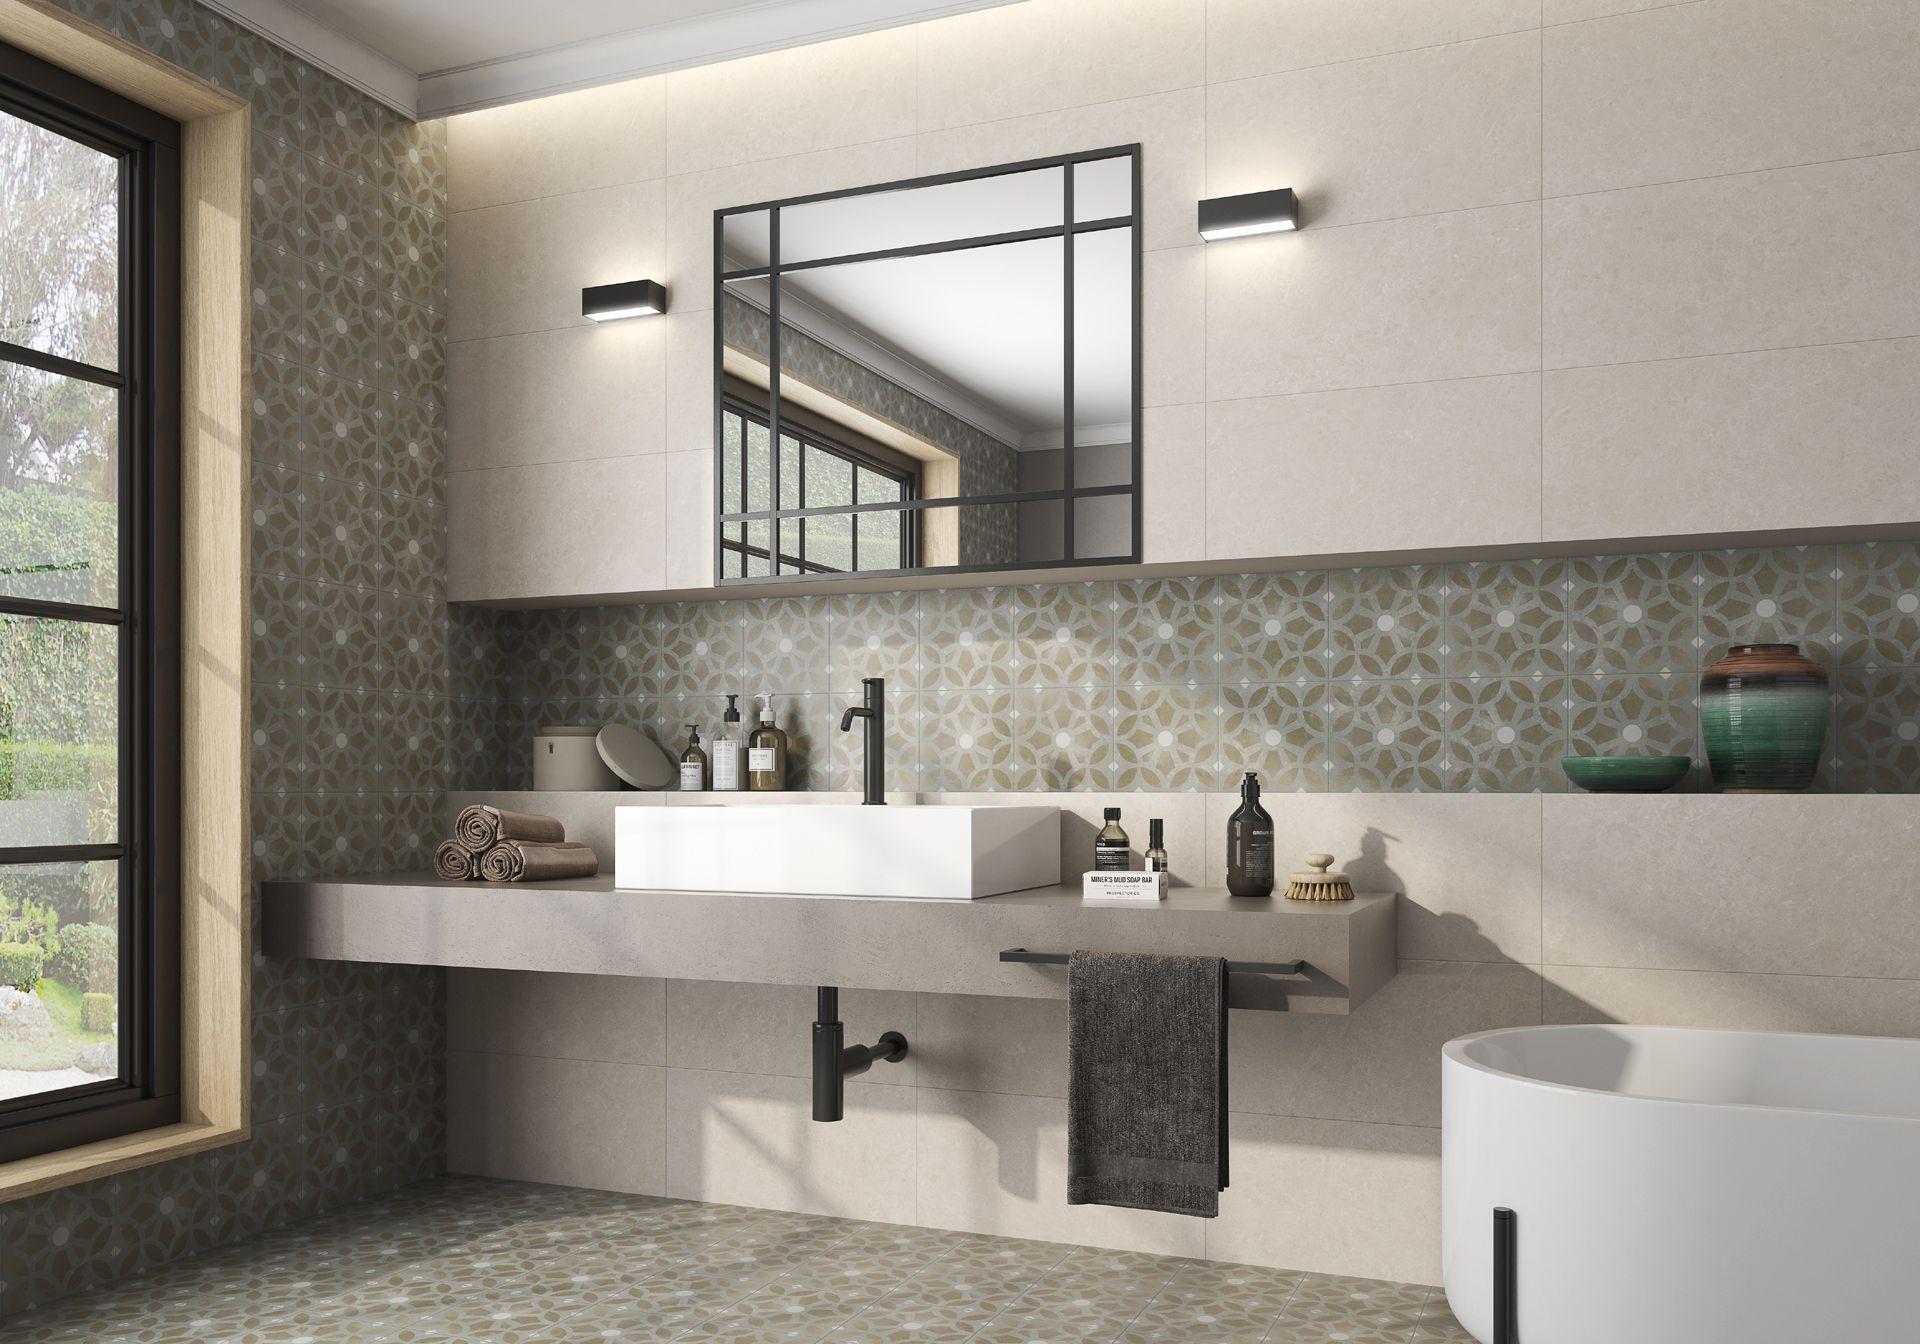 Rénovation Salle De Bain Morlaix carrelage salle de bains art | stylish bathroom, bathroom